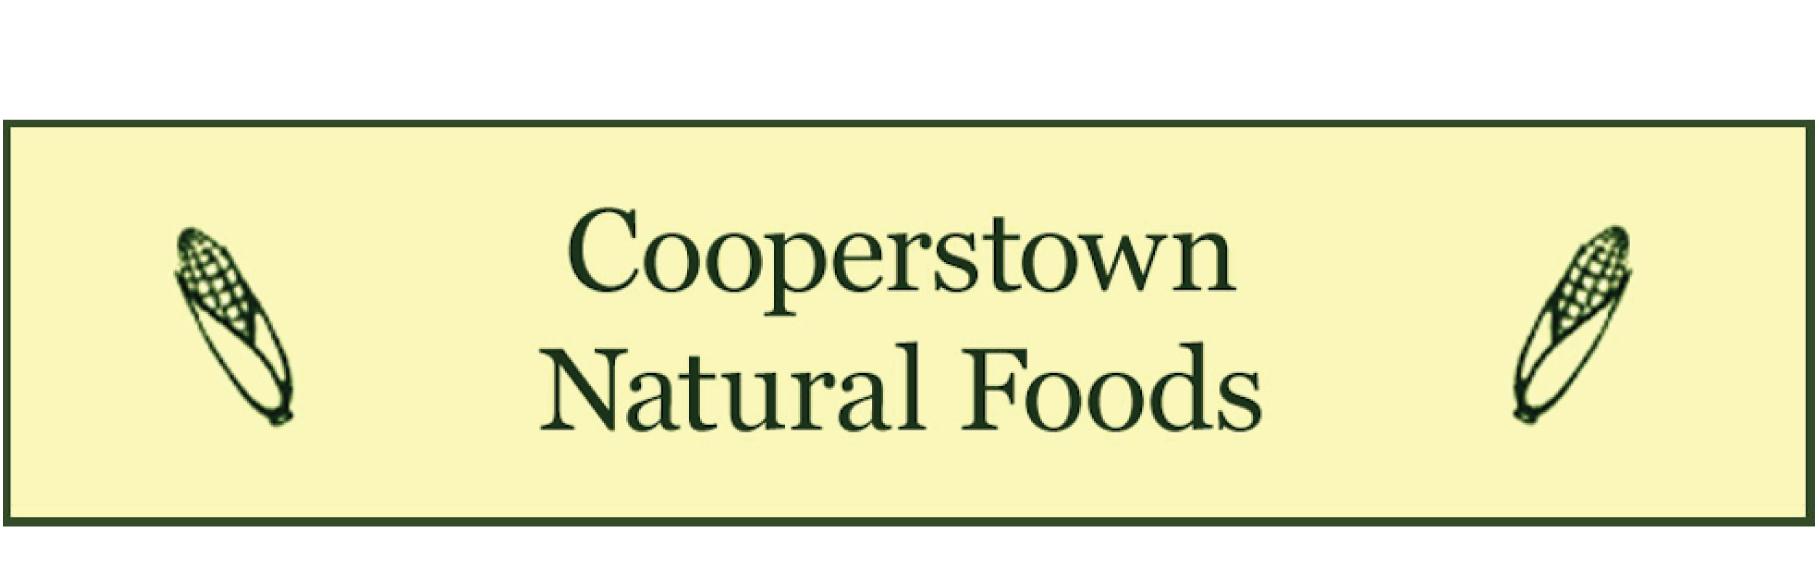 Cooperstown-01.jpg